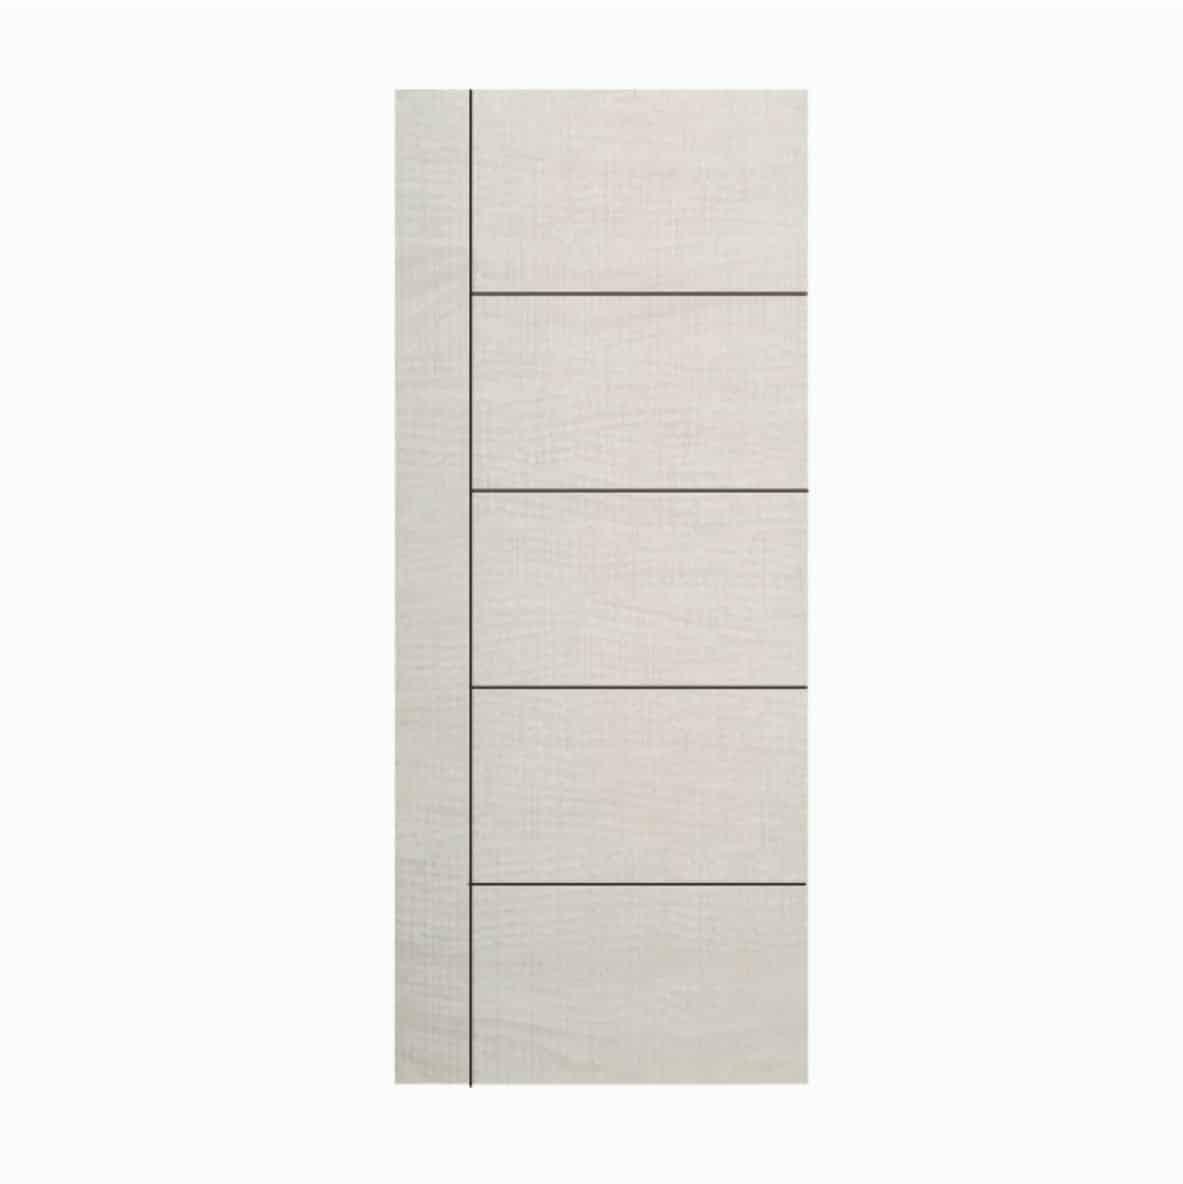 ประตู UPVC 05 สีขาวงาช้าง